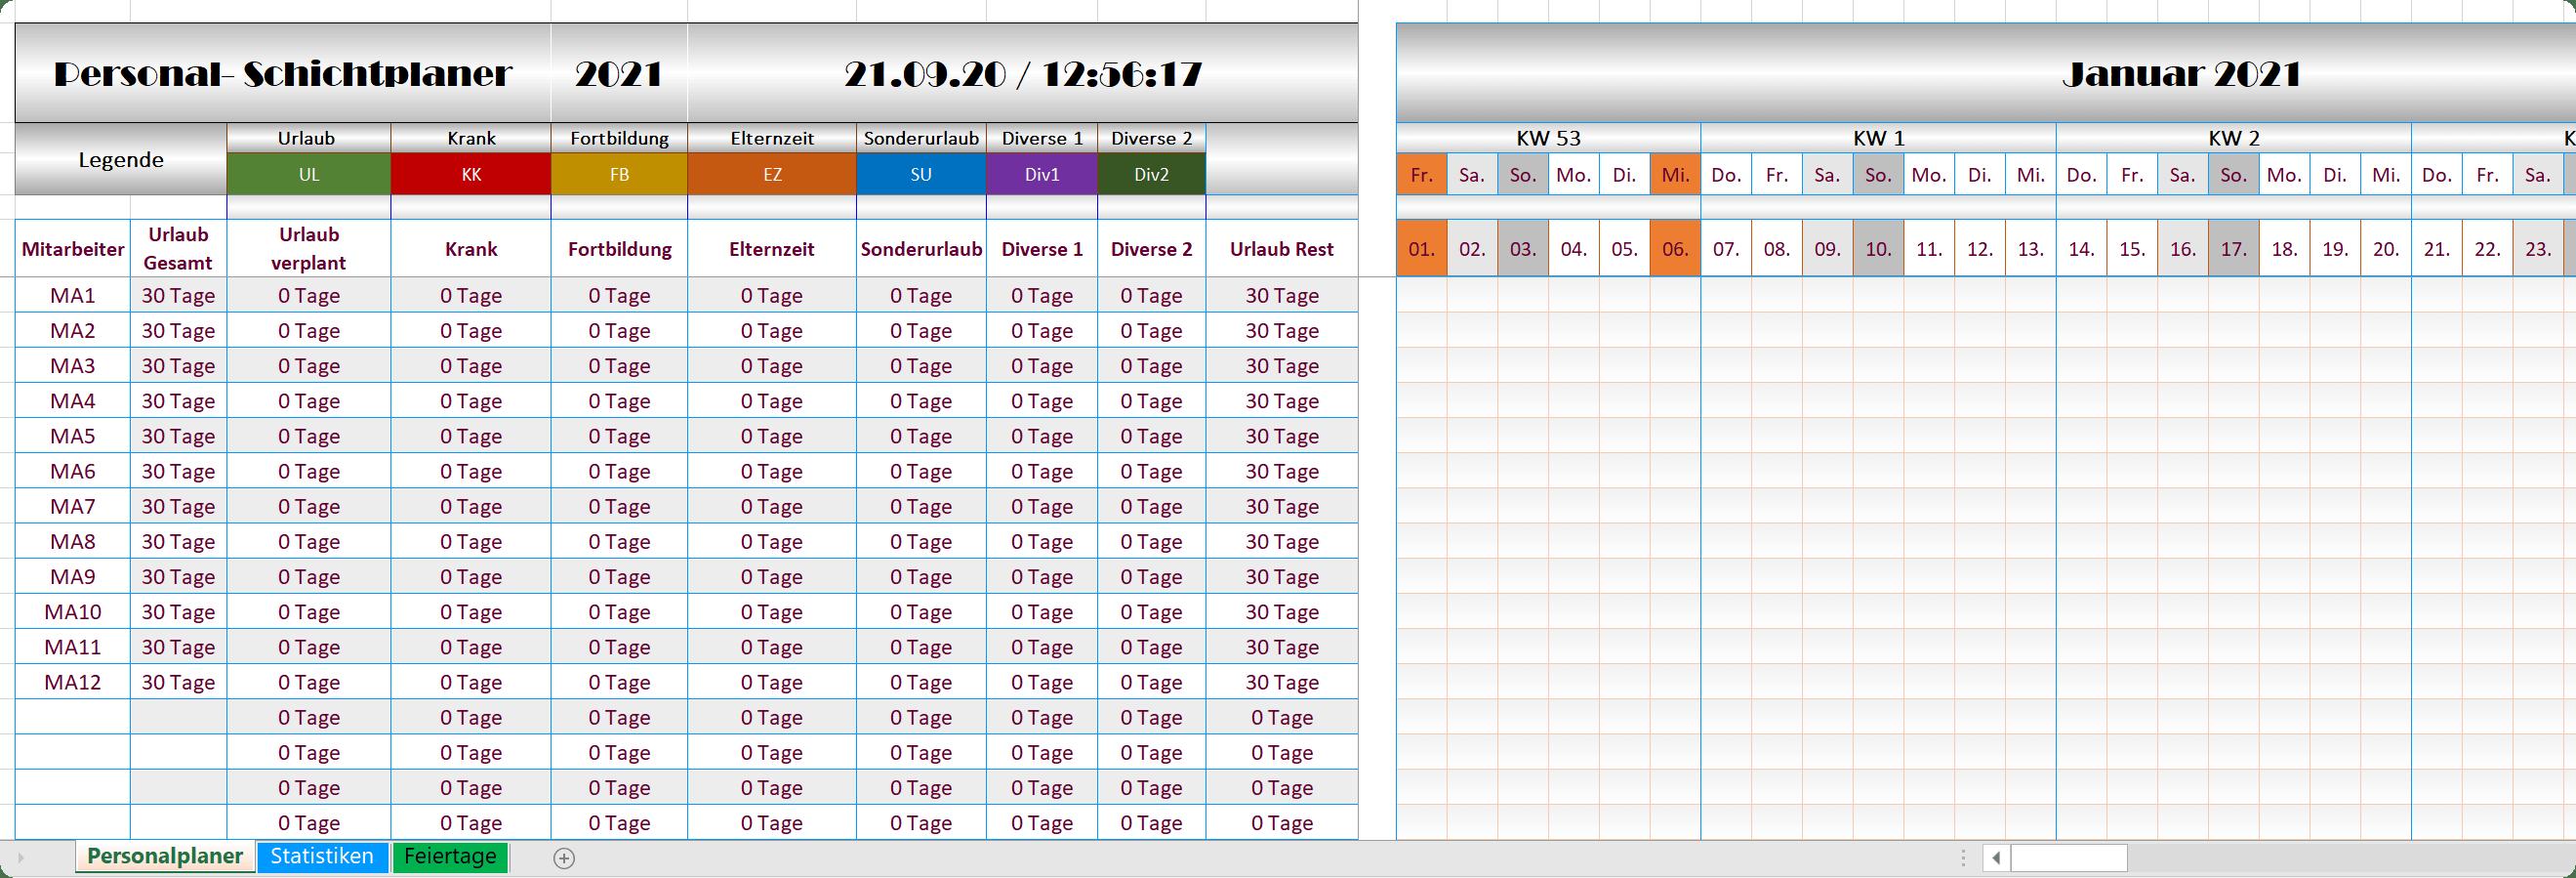 Excel Personalplaner 2021 - Steel